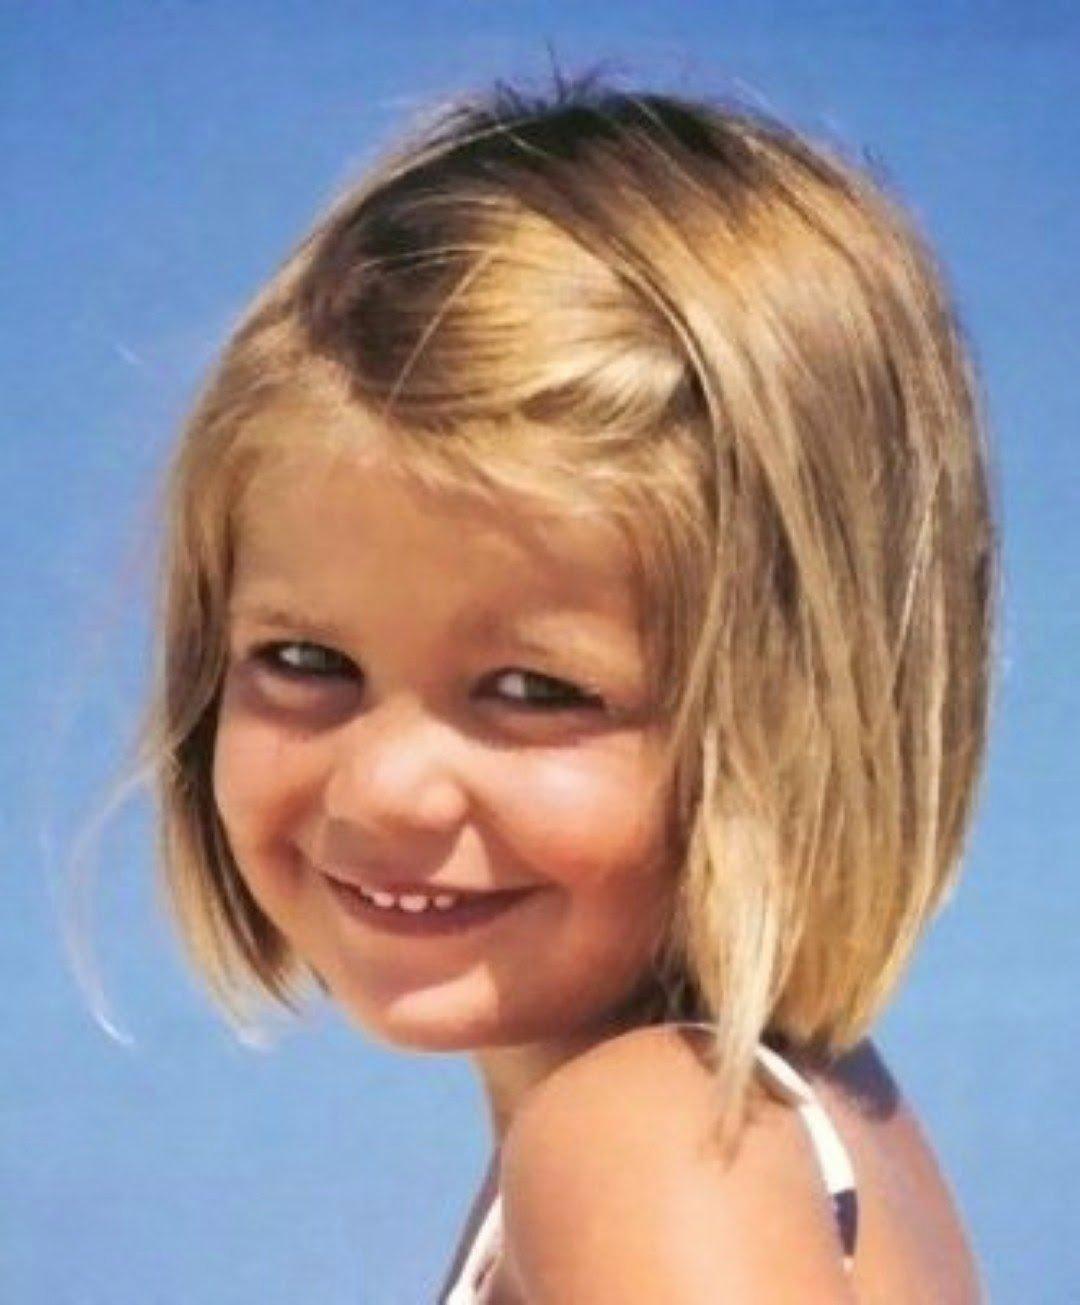 Прически для девочек с тонкими волосами фото